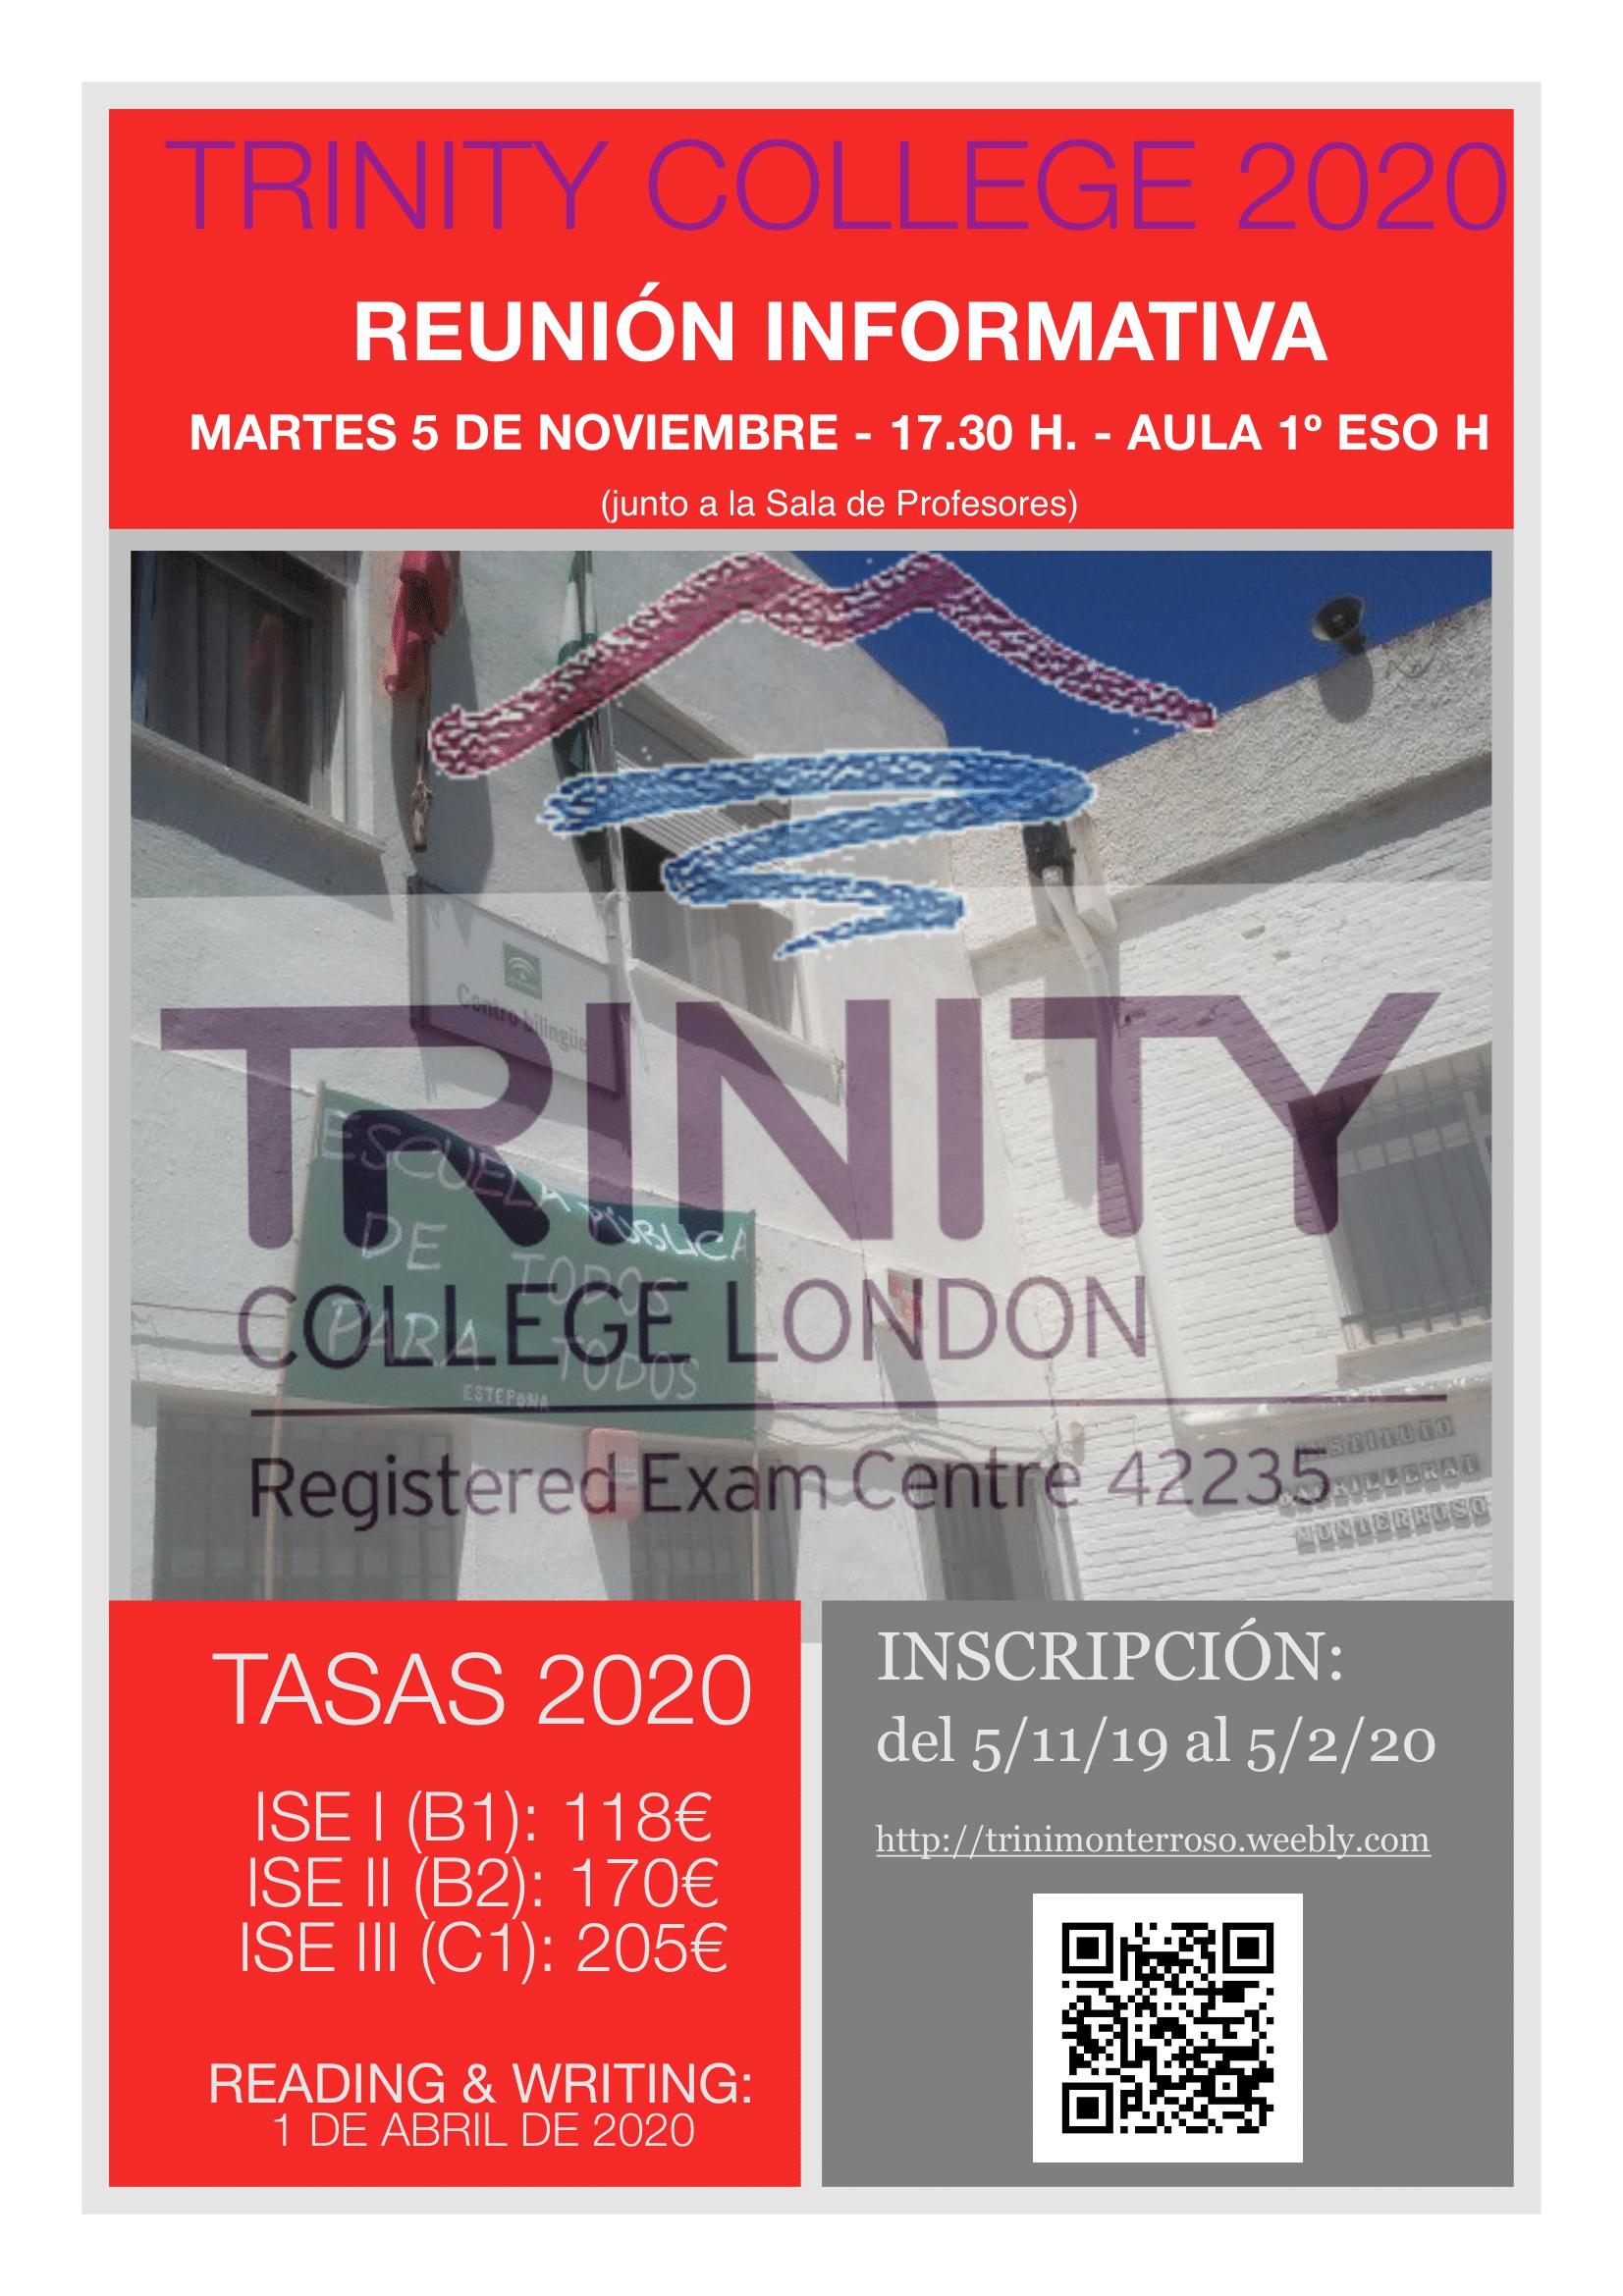 Imagen de la noticia: Exámenes de Trinity College 2020. Reunión informativa [Actualizado]